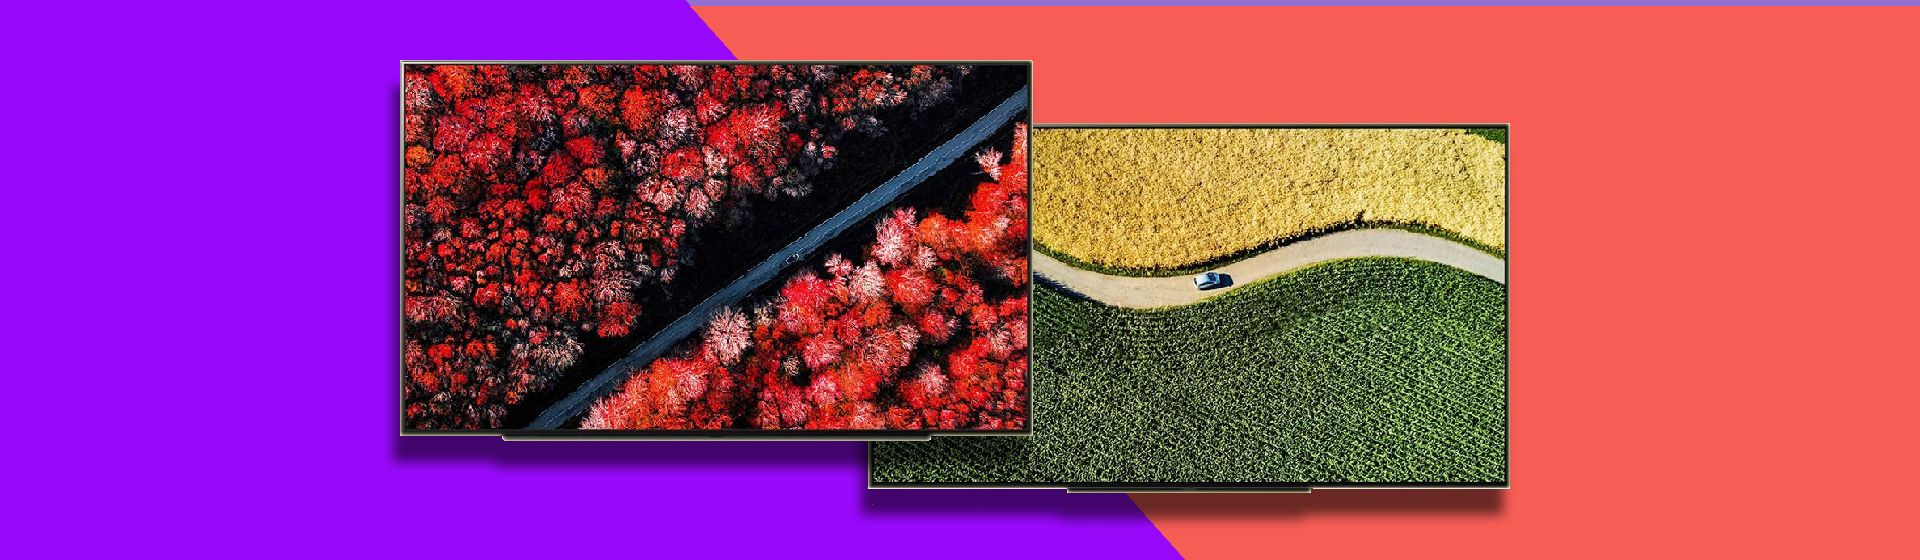 LG C9 vs B9: o que mudou de uma geração para outra?